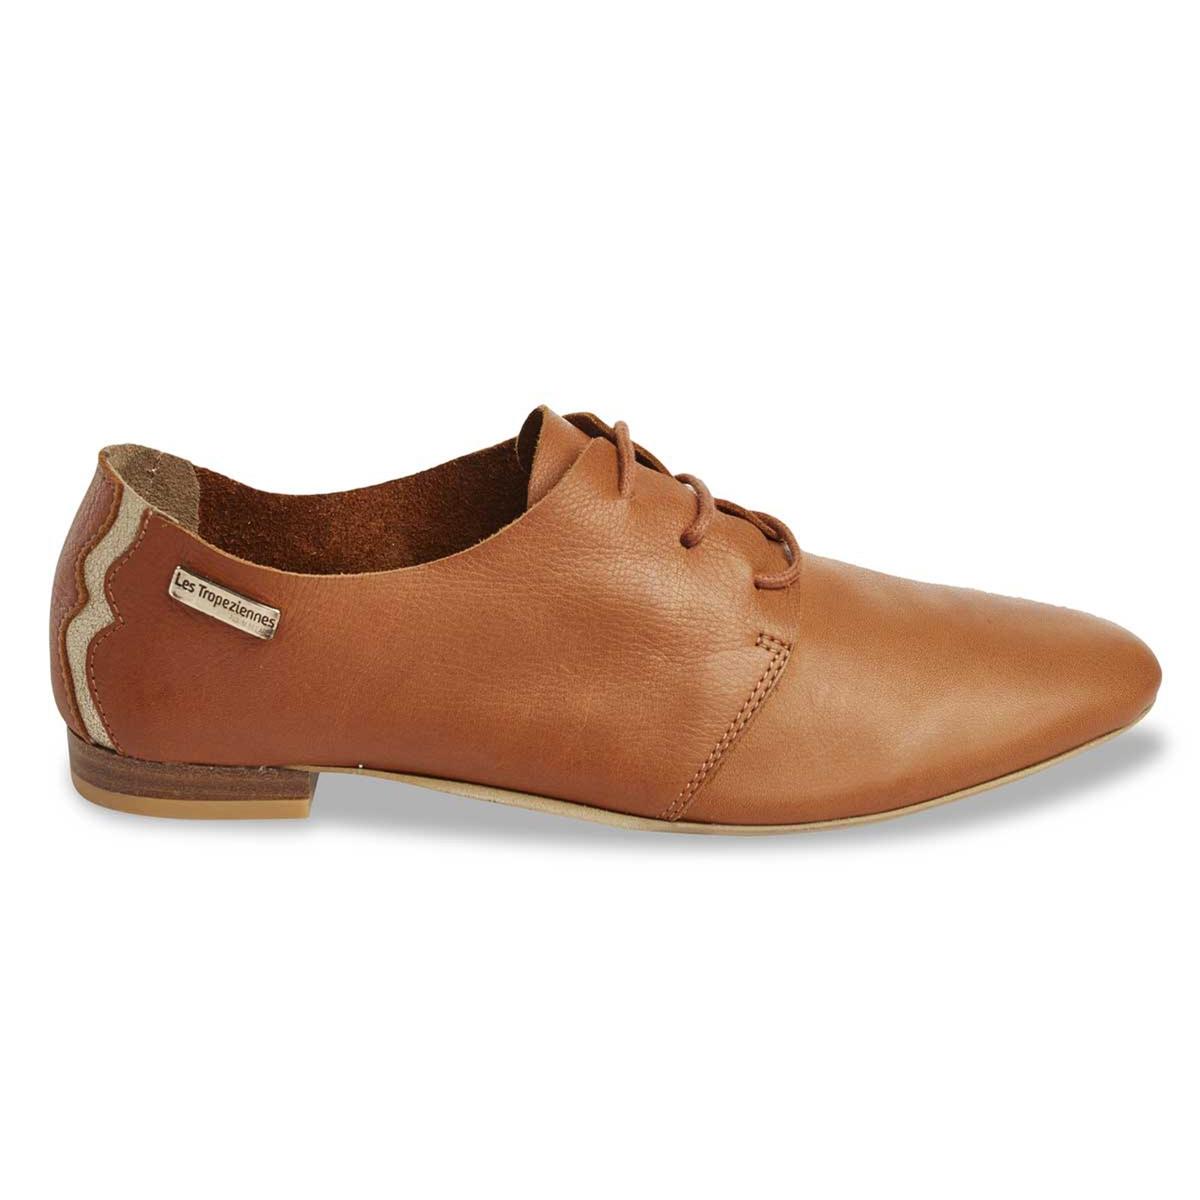 Ботинки-дерби из мягкой кожи TakarikaВерх/Голенище: кожа.   Стелька: кожа.  Подошва: синтетика.Форма каблука: плоский каблук.  Мысок: закругленный.Застежка: шнуровка.<br><br>Цвет: каштановый<br>Размер: 36